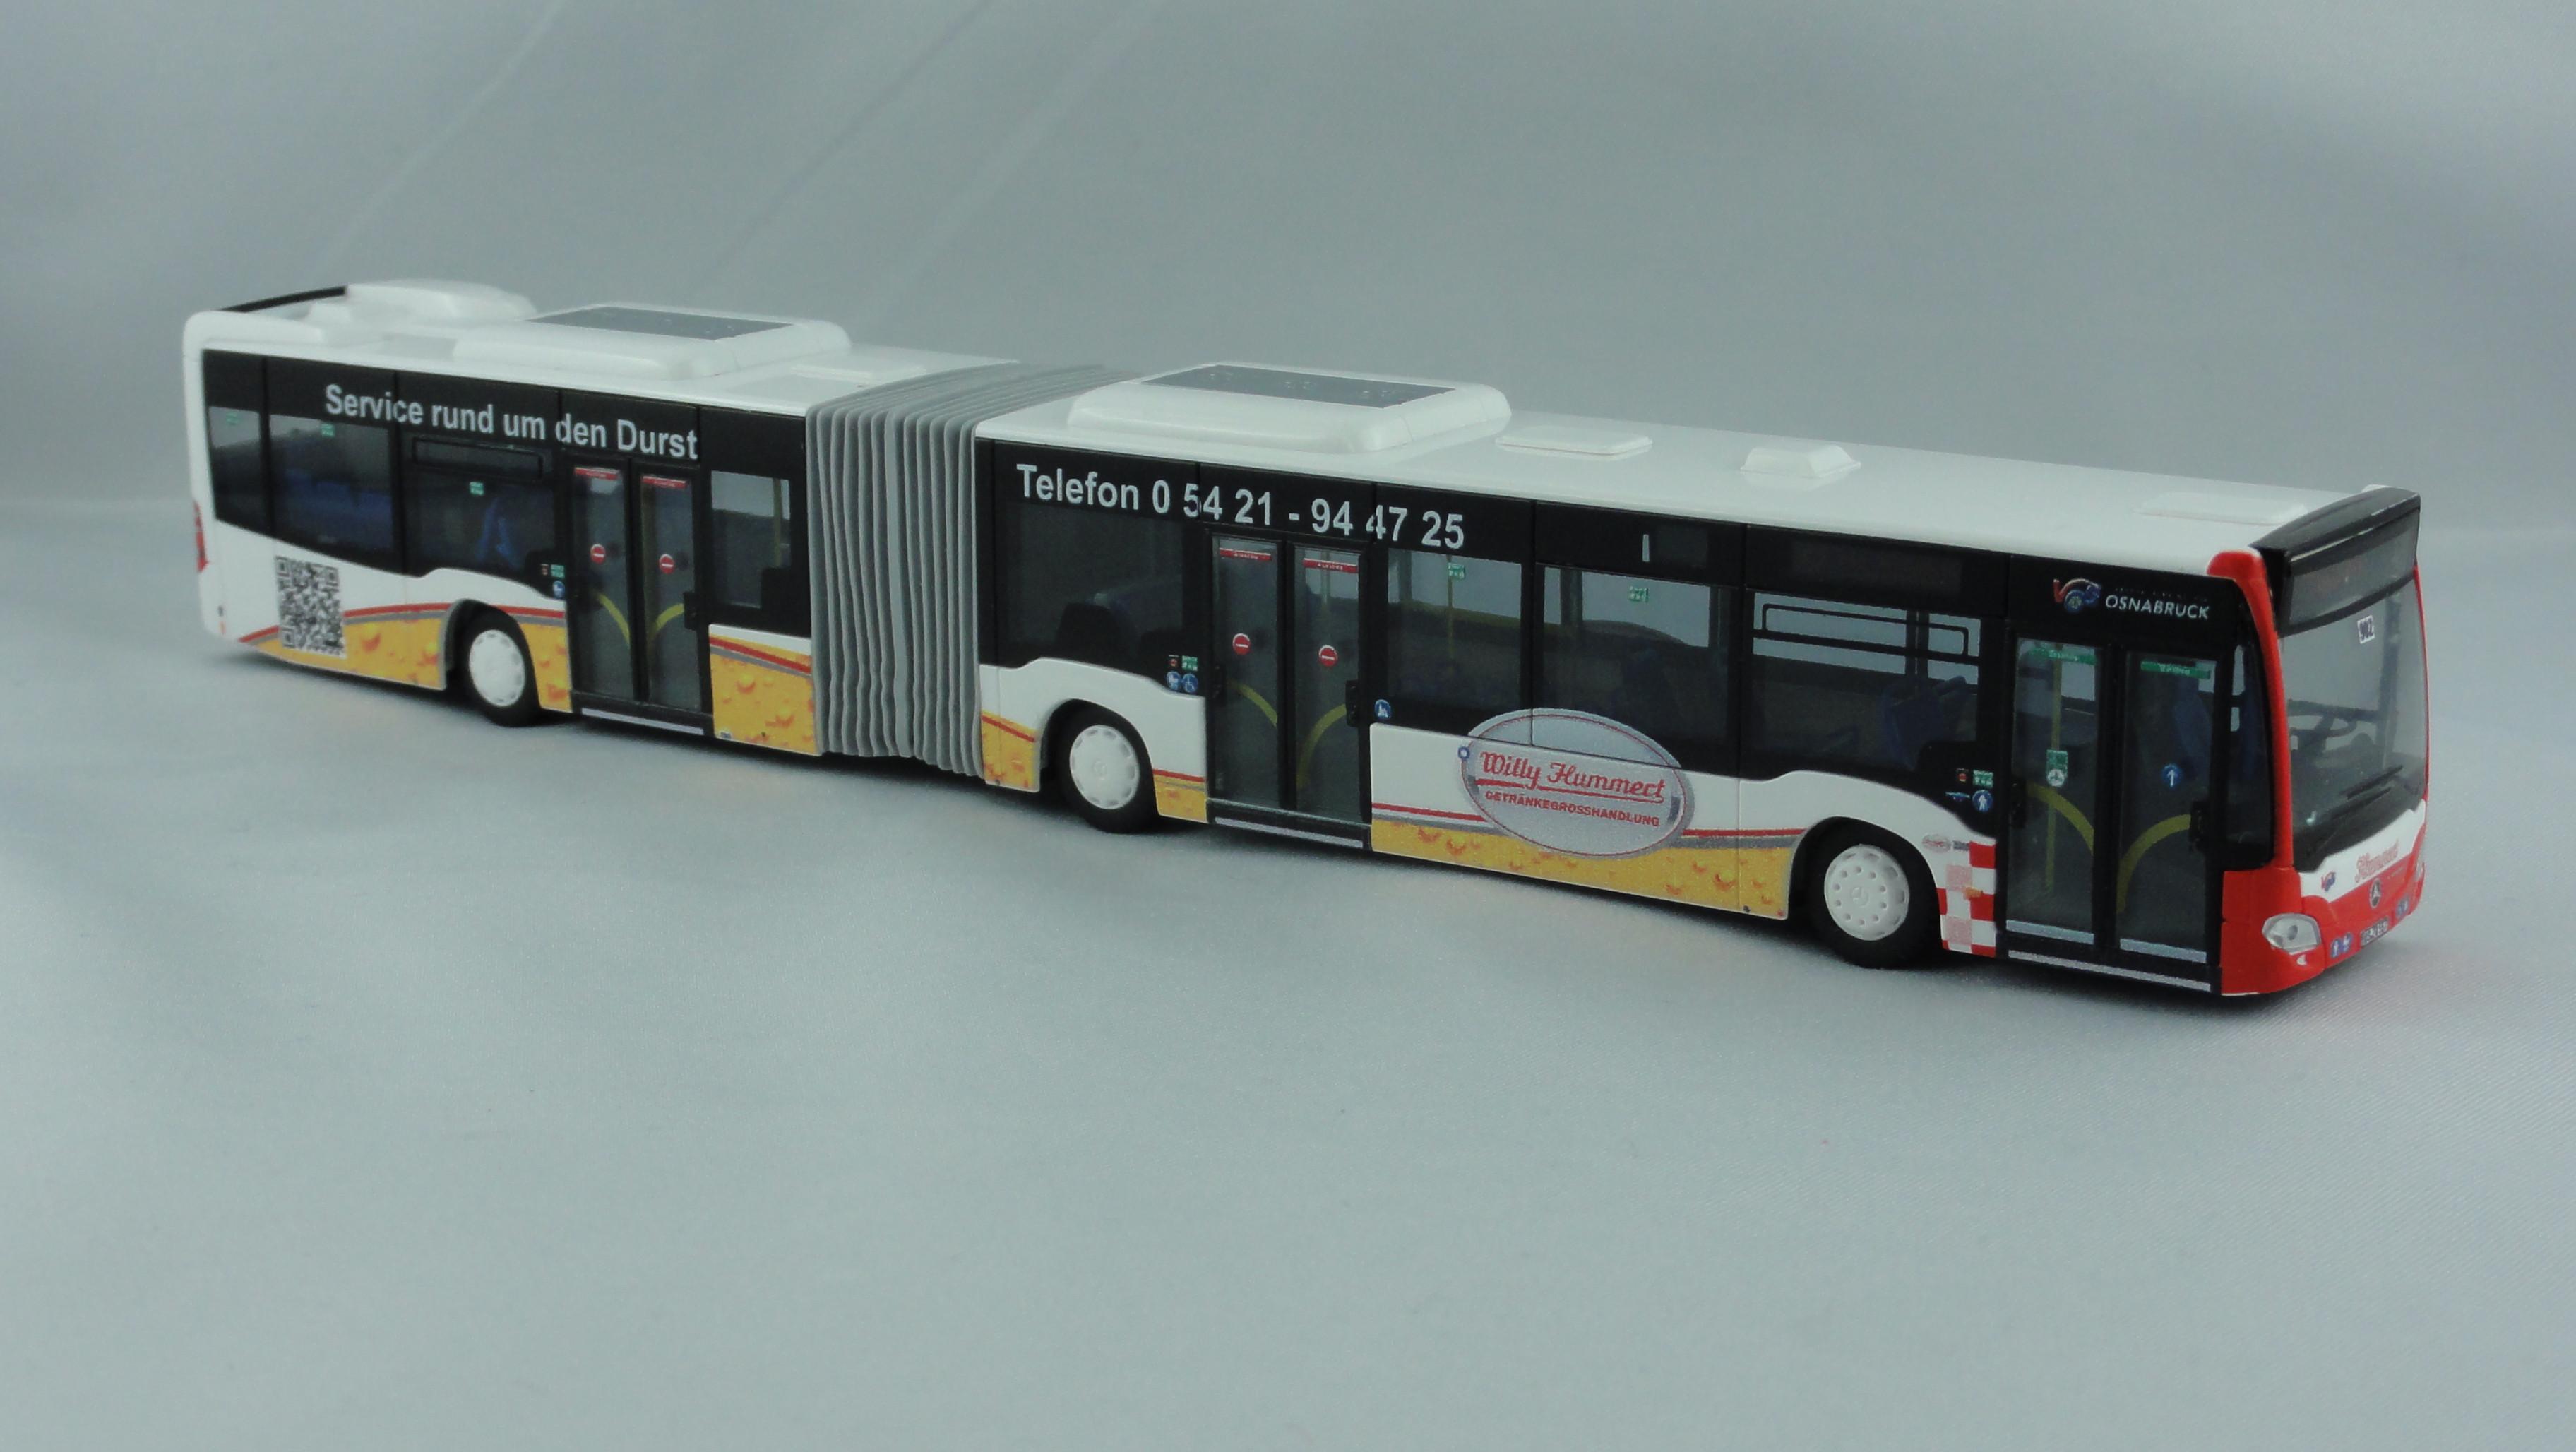 Rietze MB Citaro G15 Hybrid VOS Osnabrück / Willy Hummert mit Willy Hummert Getränkegrosshandlung Werbung, Sondermodell